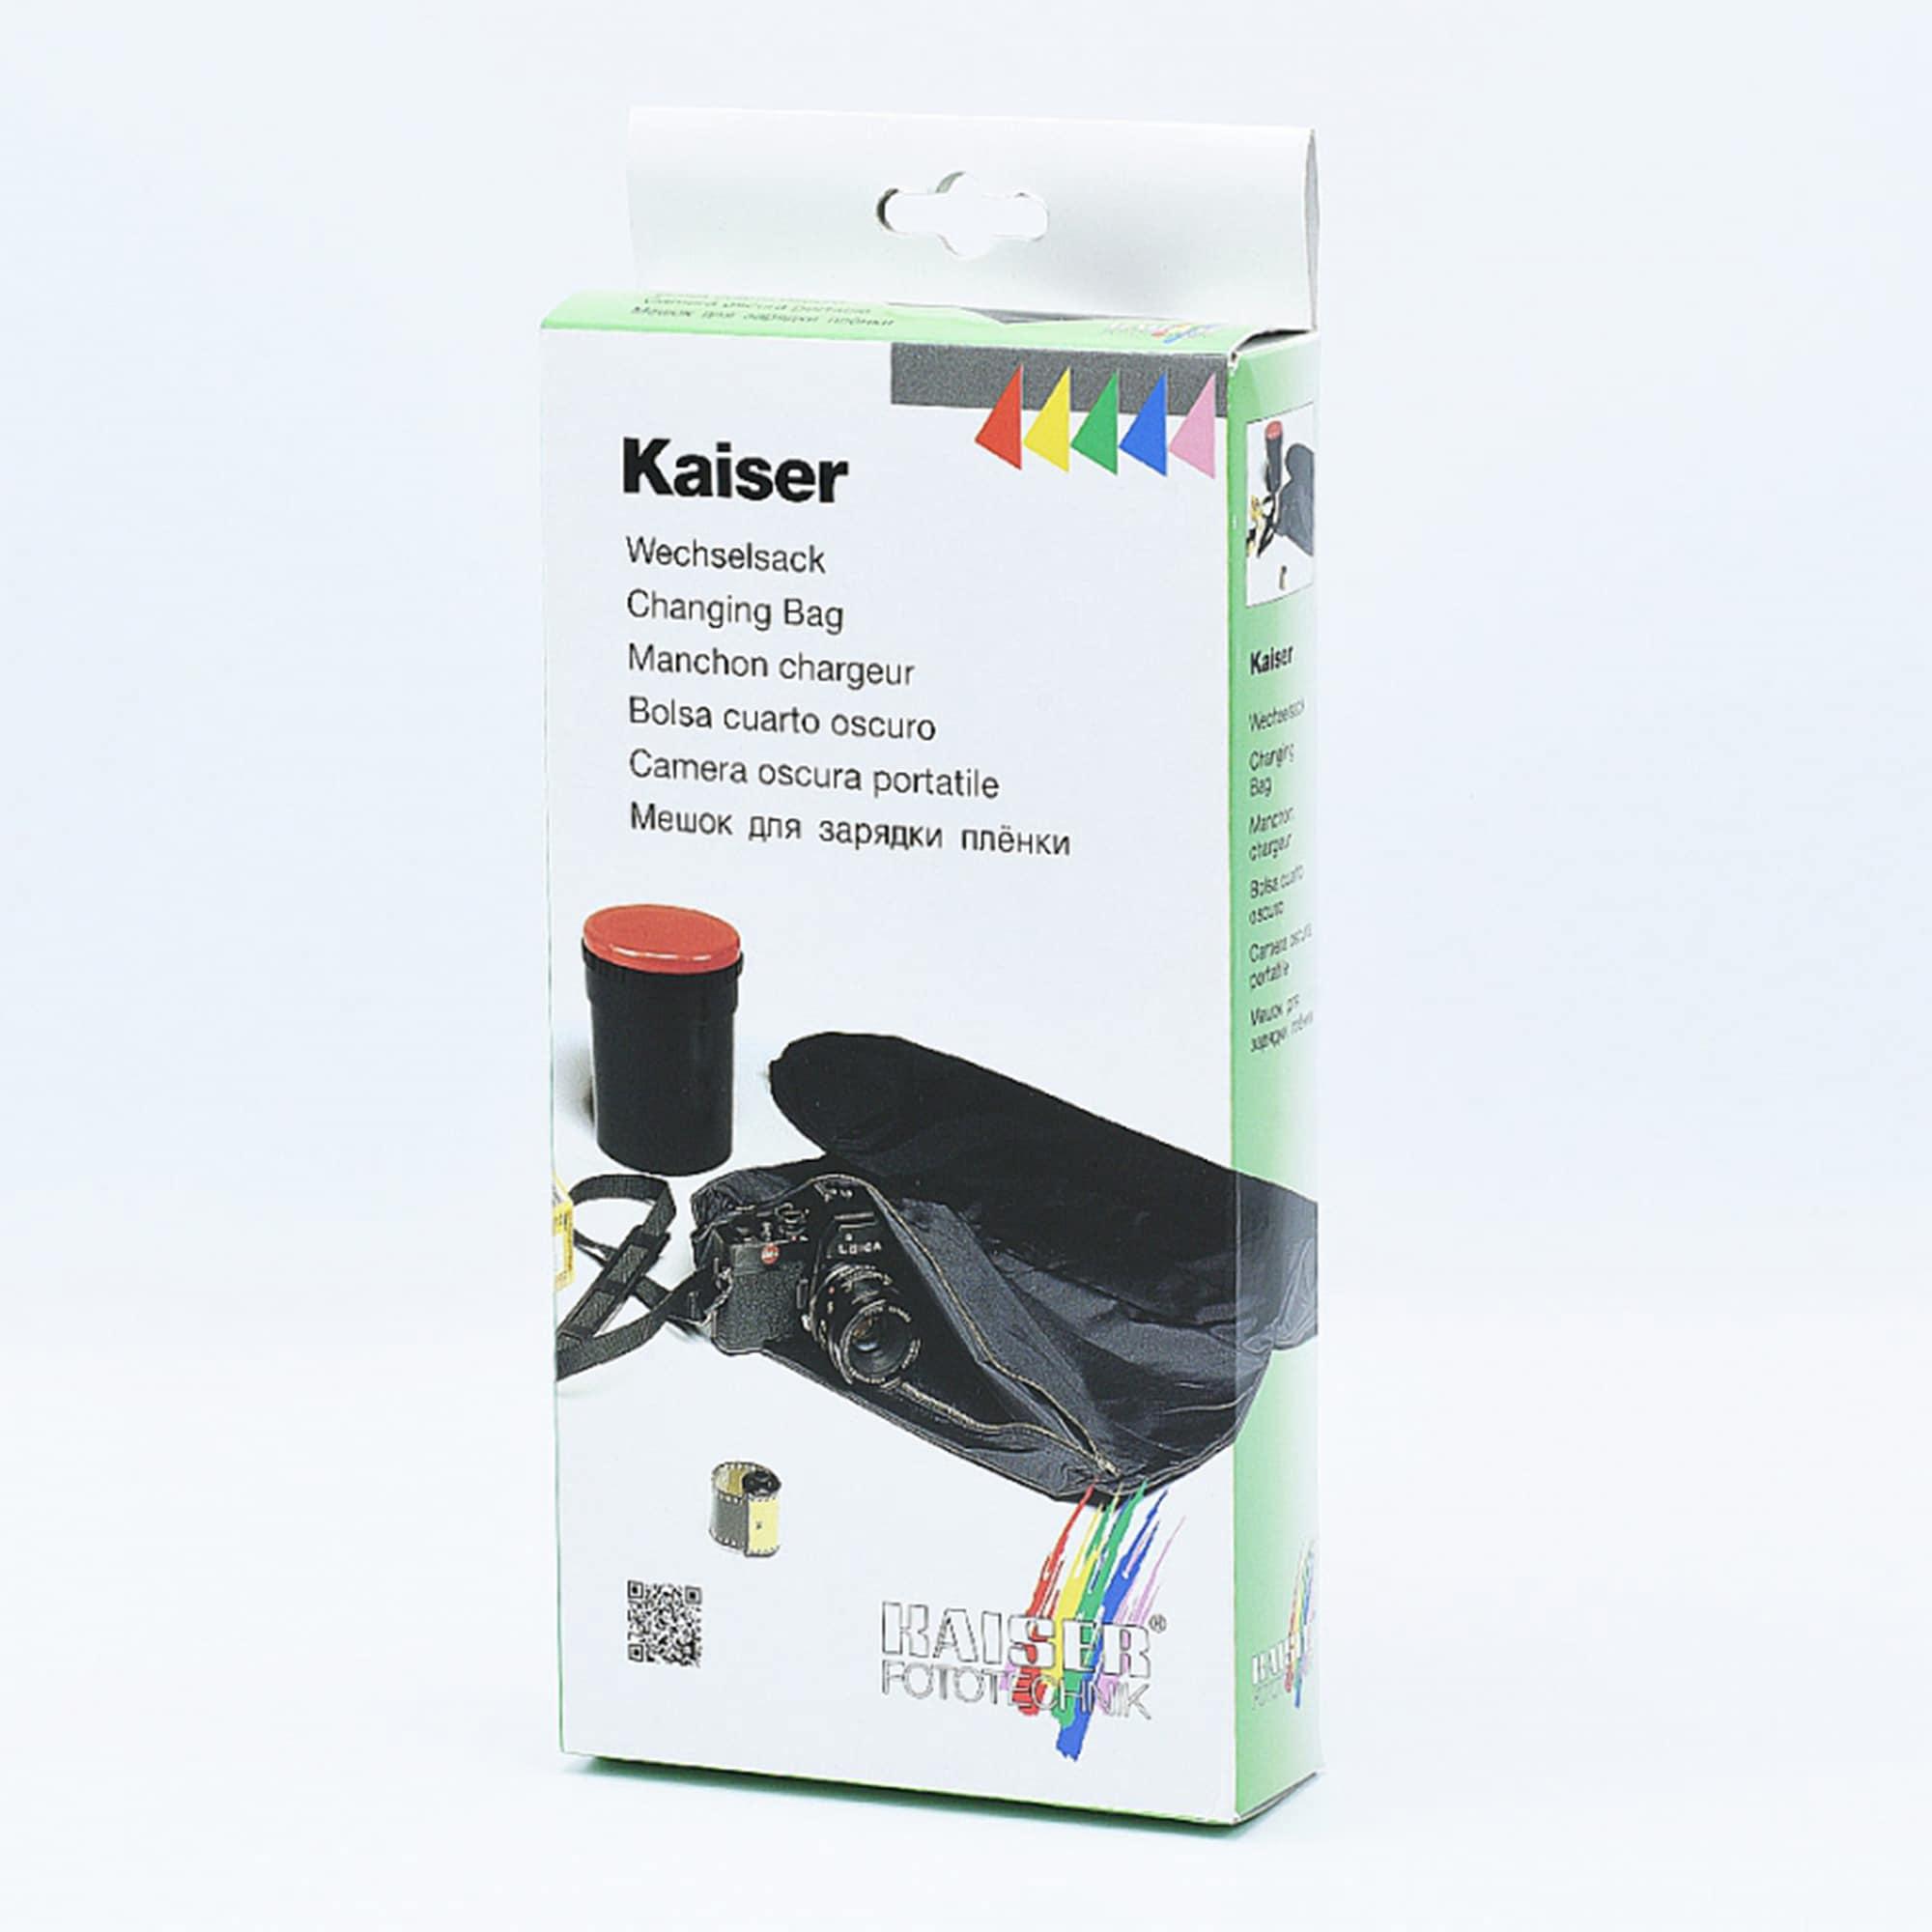 Kaiser Mörkrumssäck  - changing bag